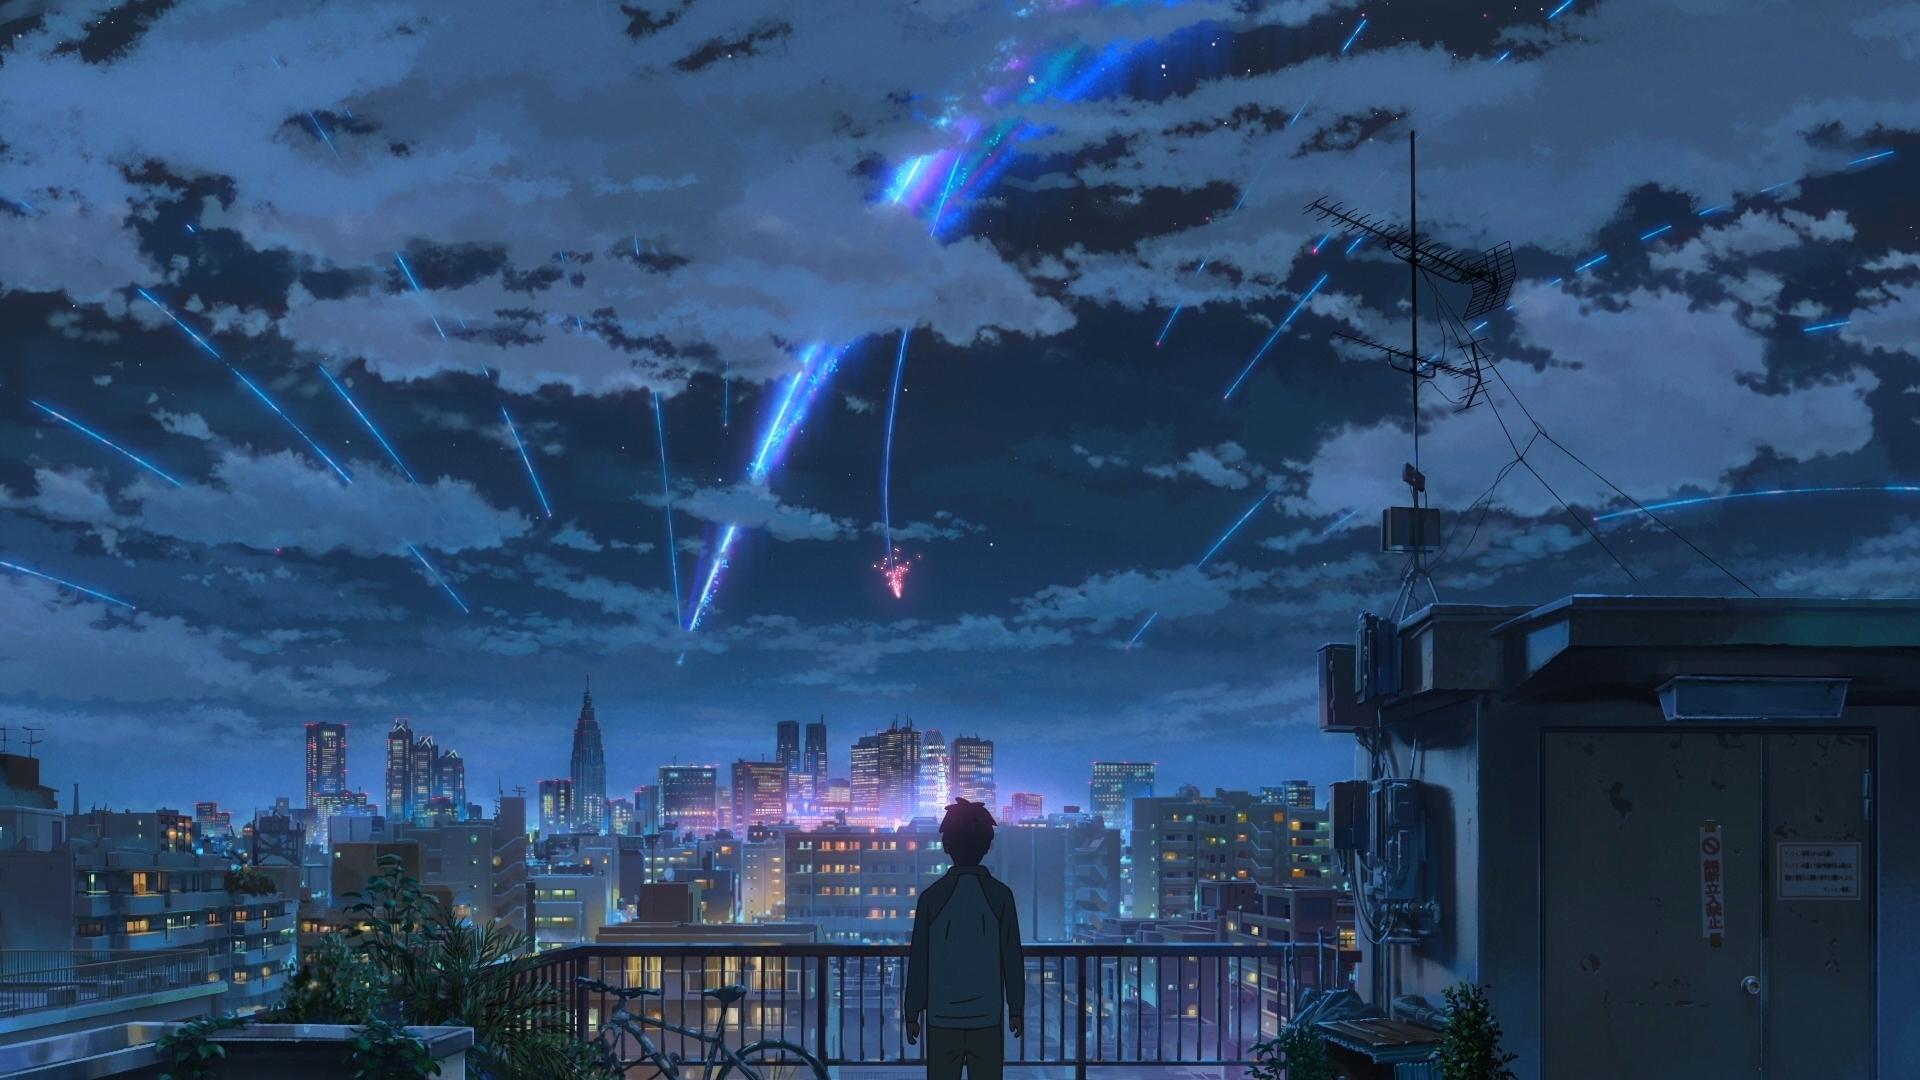 fond d'écran : kimi no na wa, makoto shinkai, nuit étoilée, comète